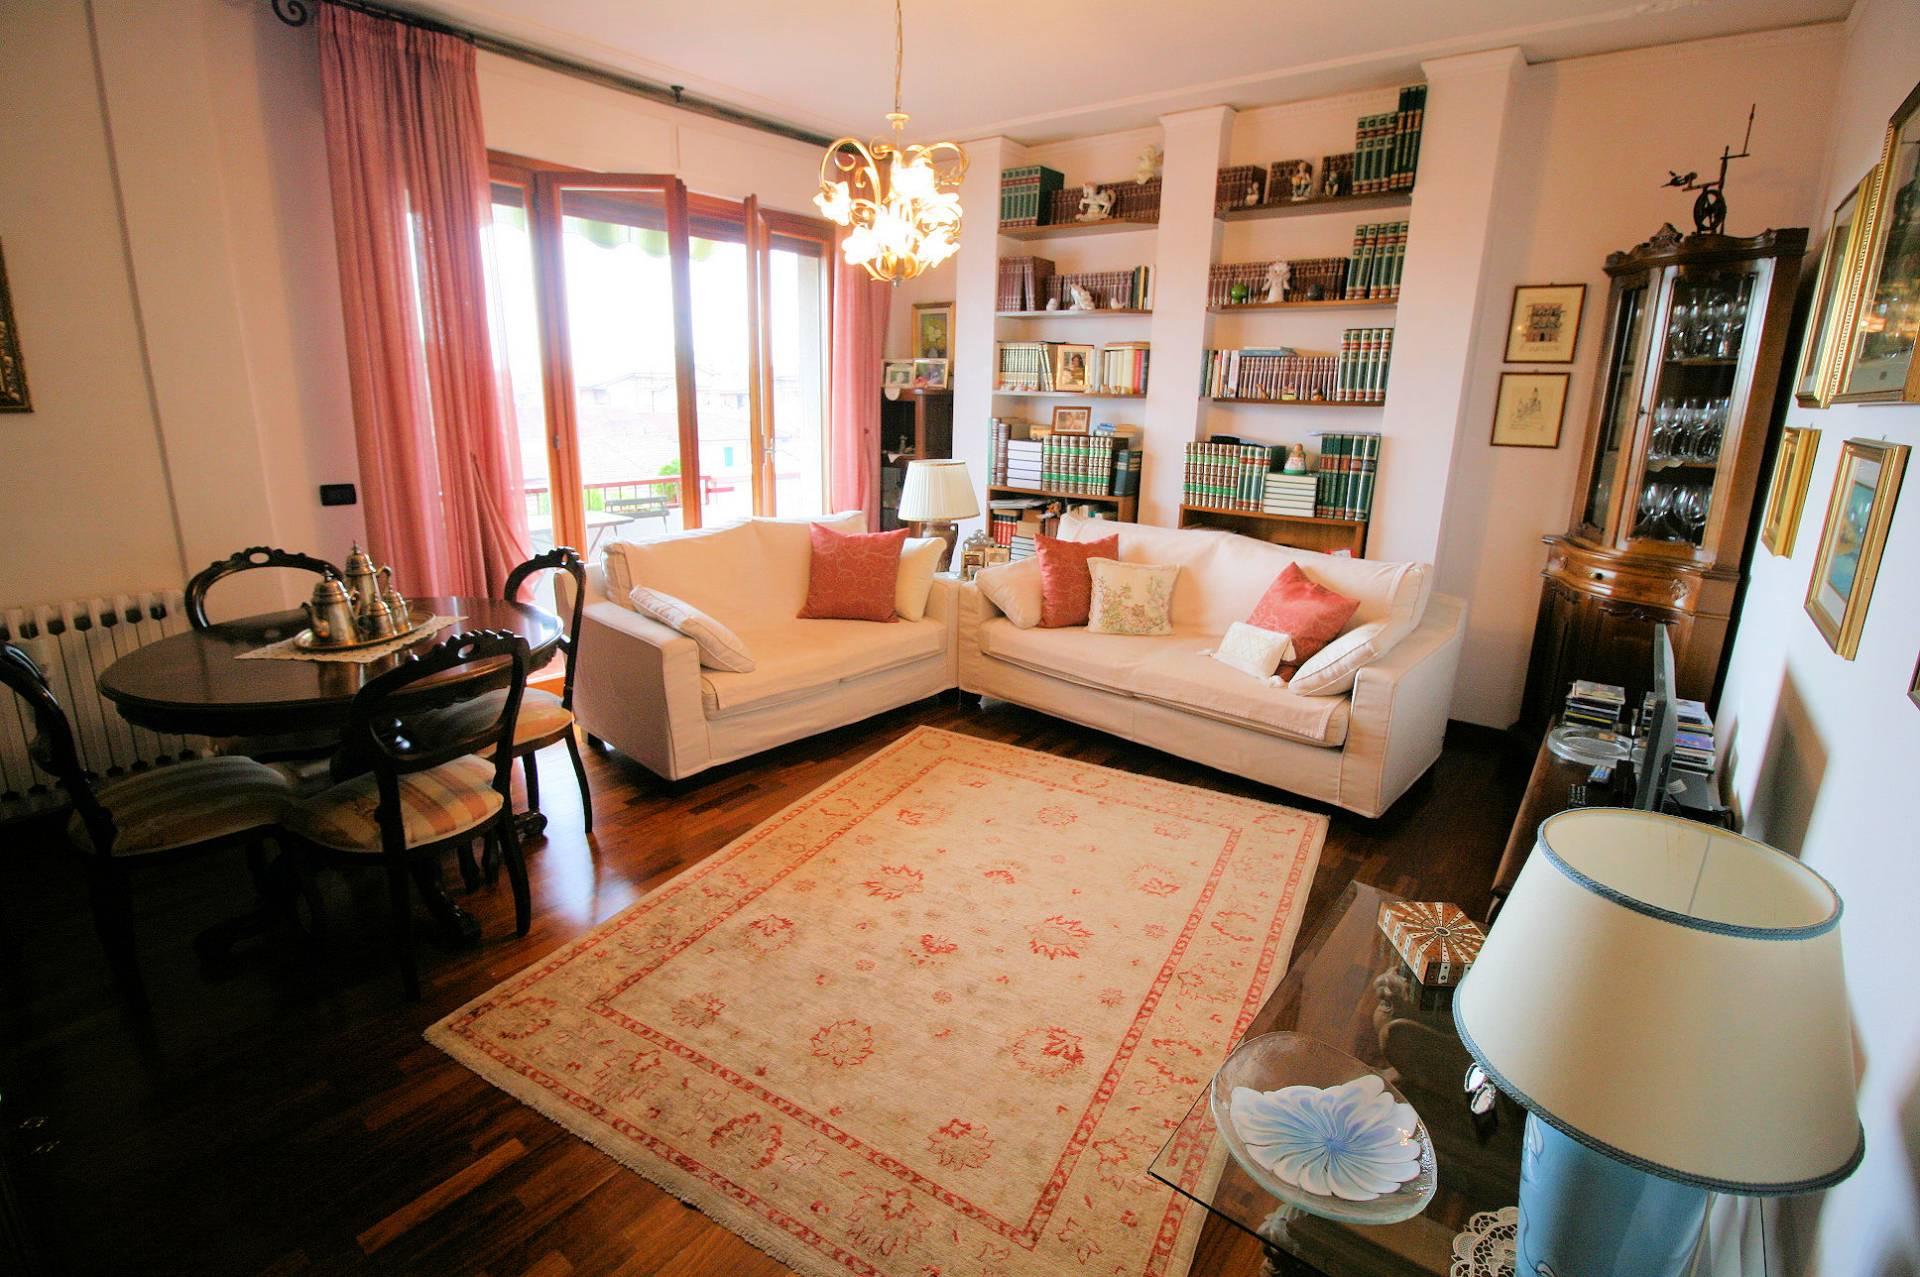 Appartamento in vendita a Montecatini-Terme, 4 locali, prezzo € 175.000 | PortaleAgenzieImmobiliari.it